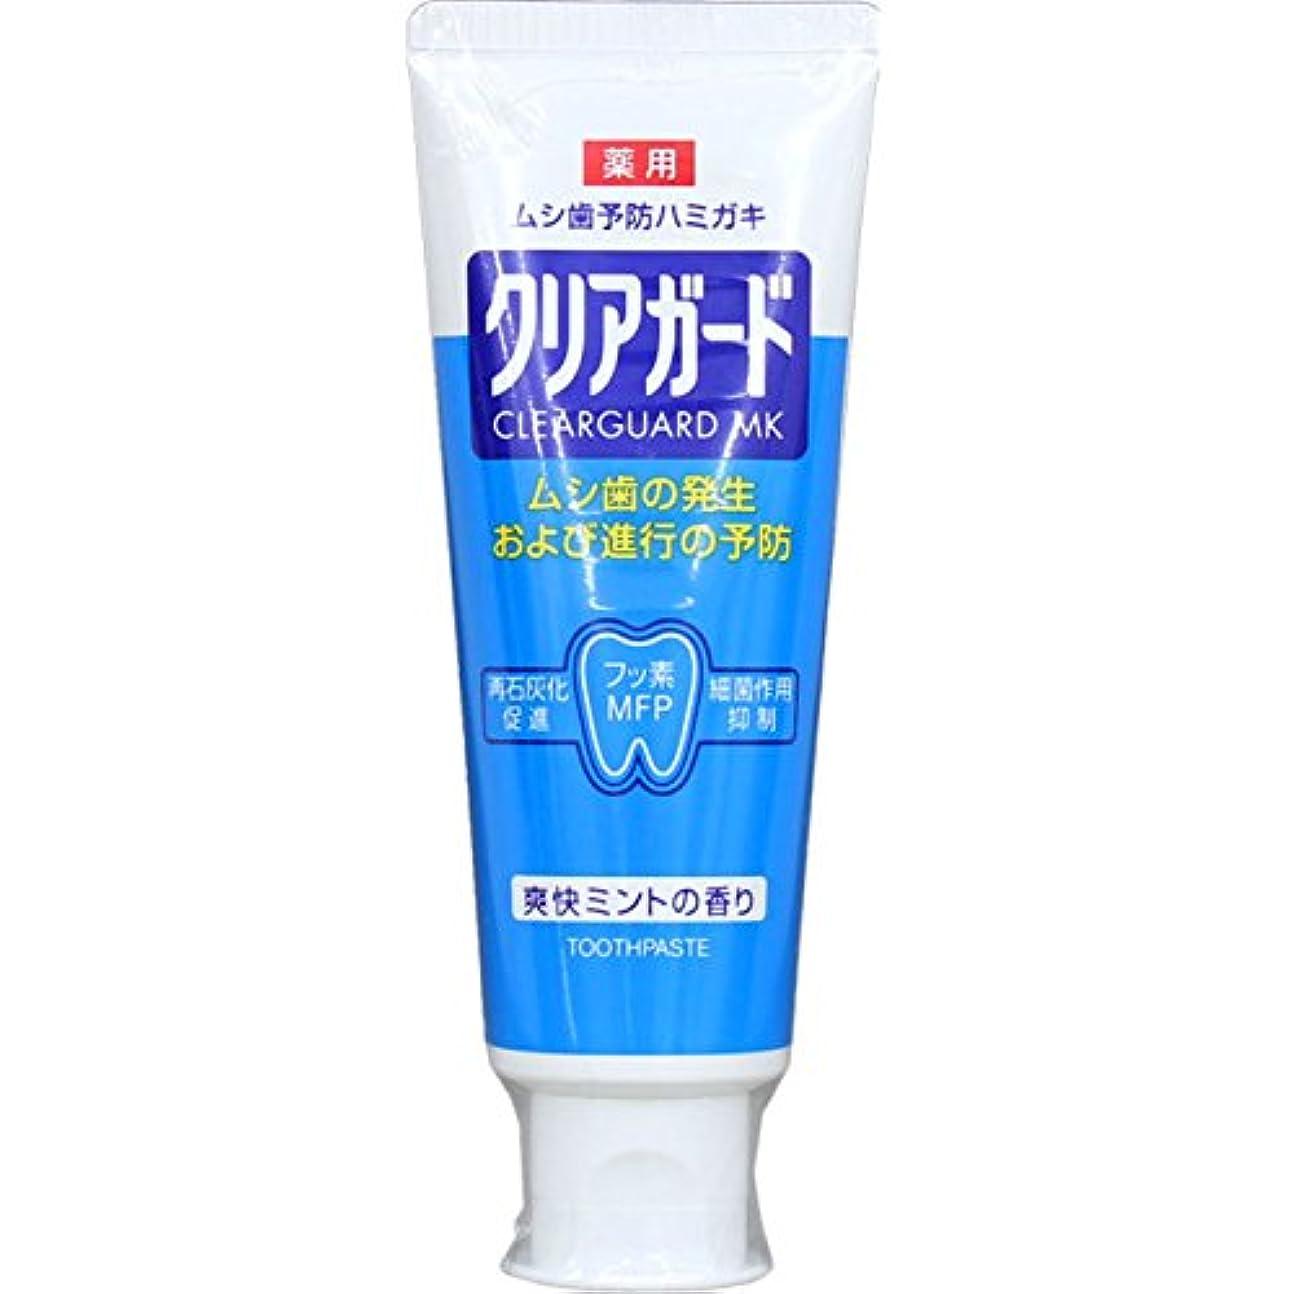 控えめな発言するピッチャーMK 薬用クリアガード 160g (医薬部外品)